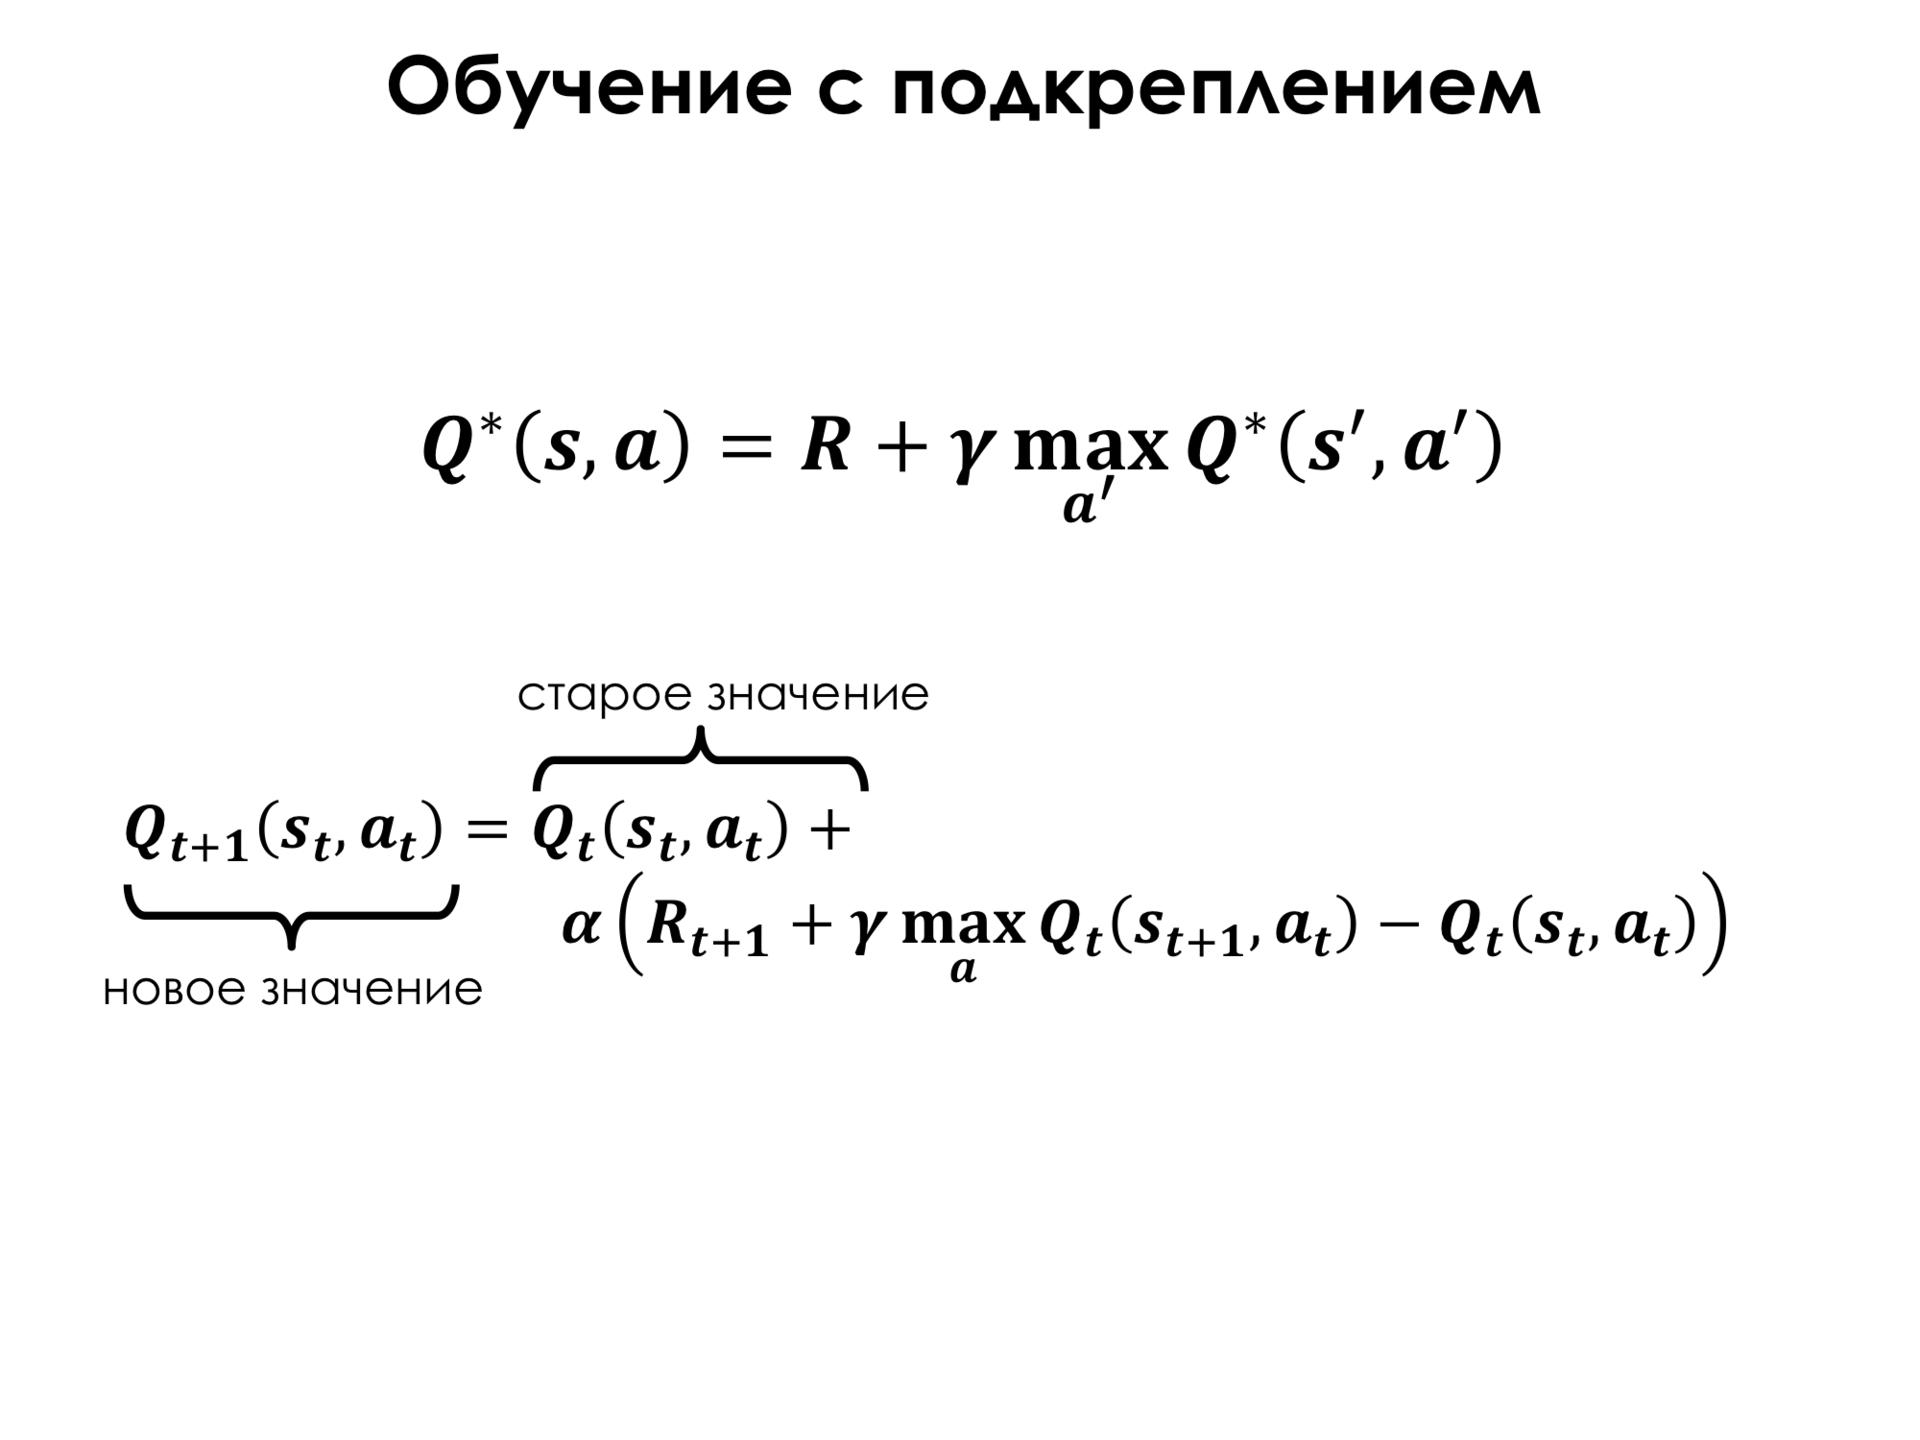 Самое главное о нейронных сетях. Лекция в Яндексе - 49